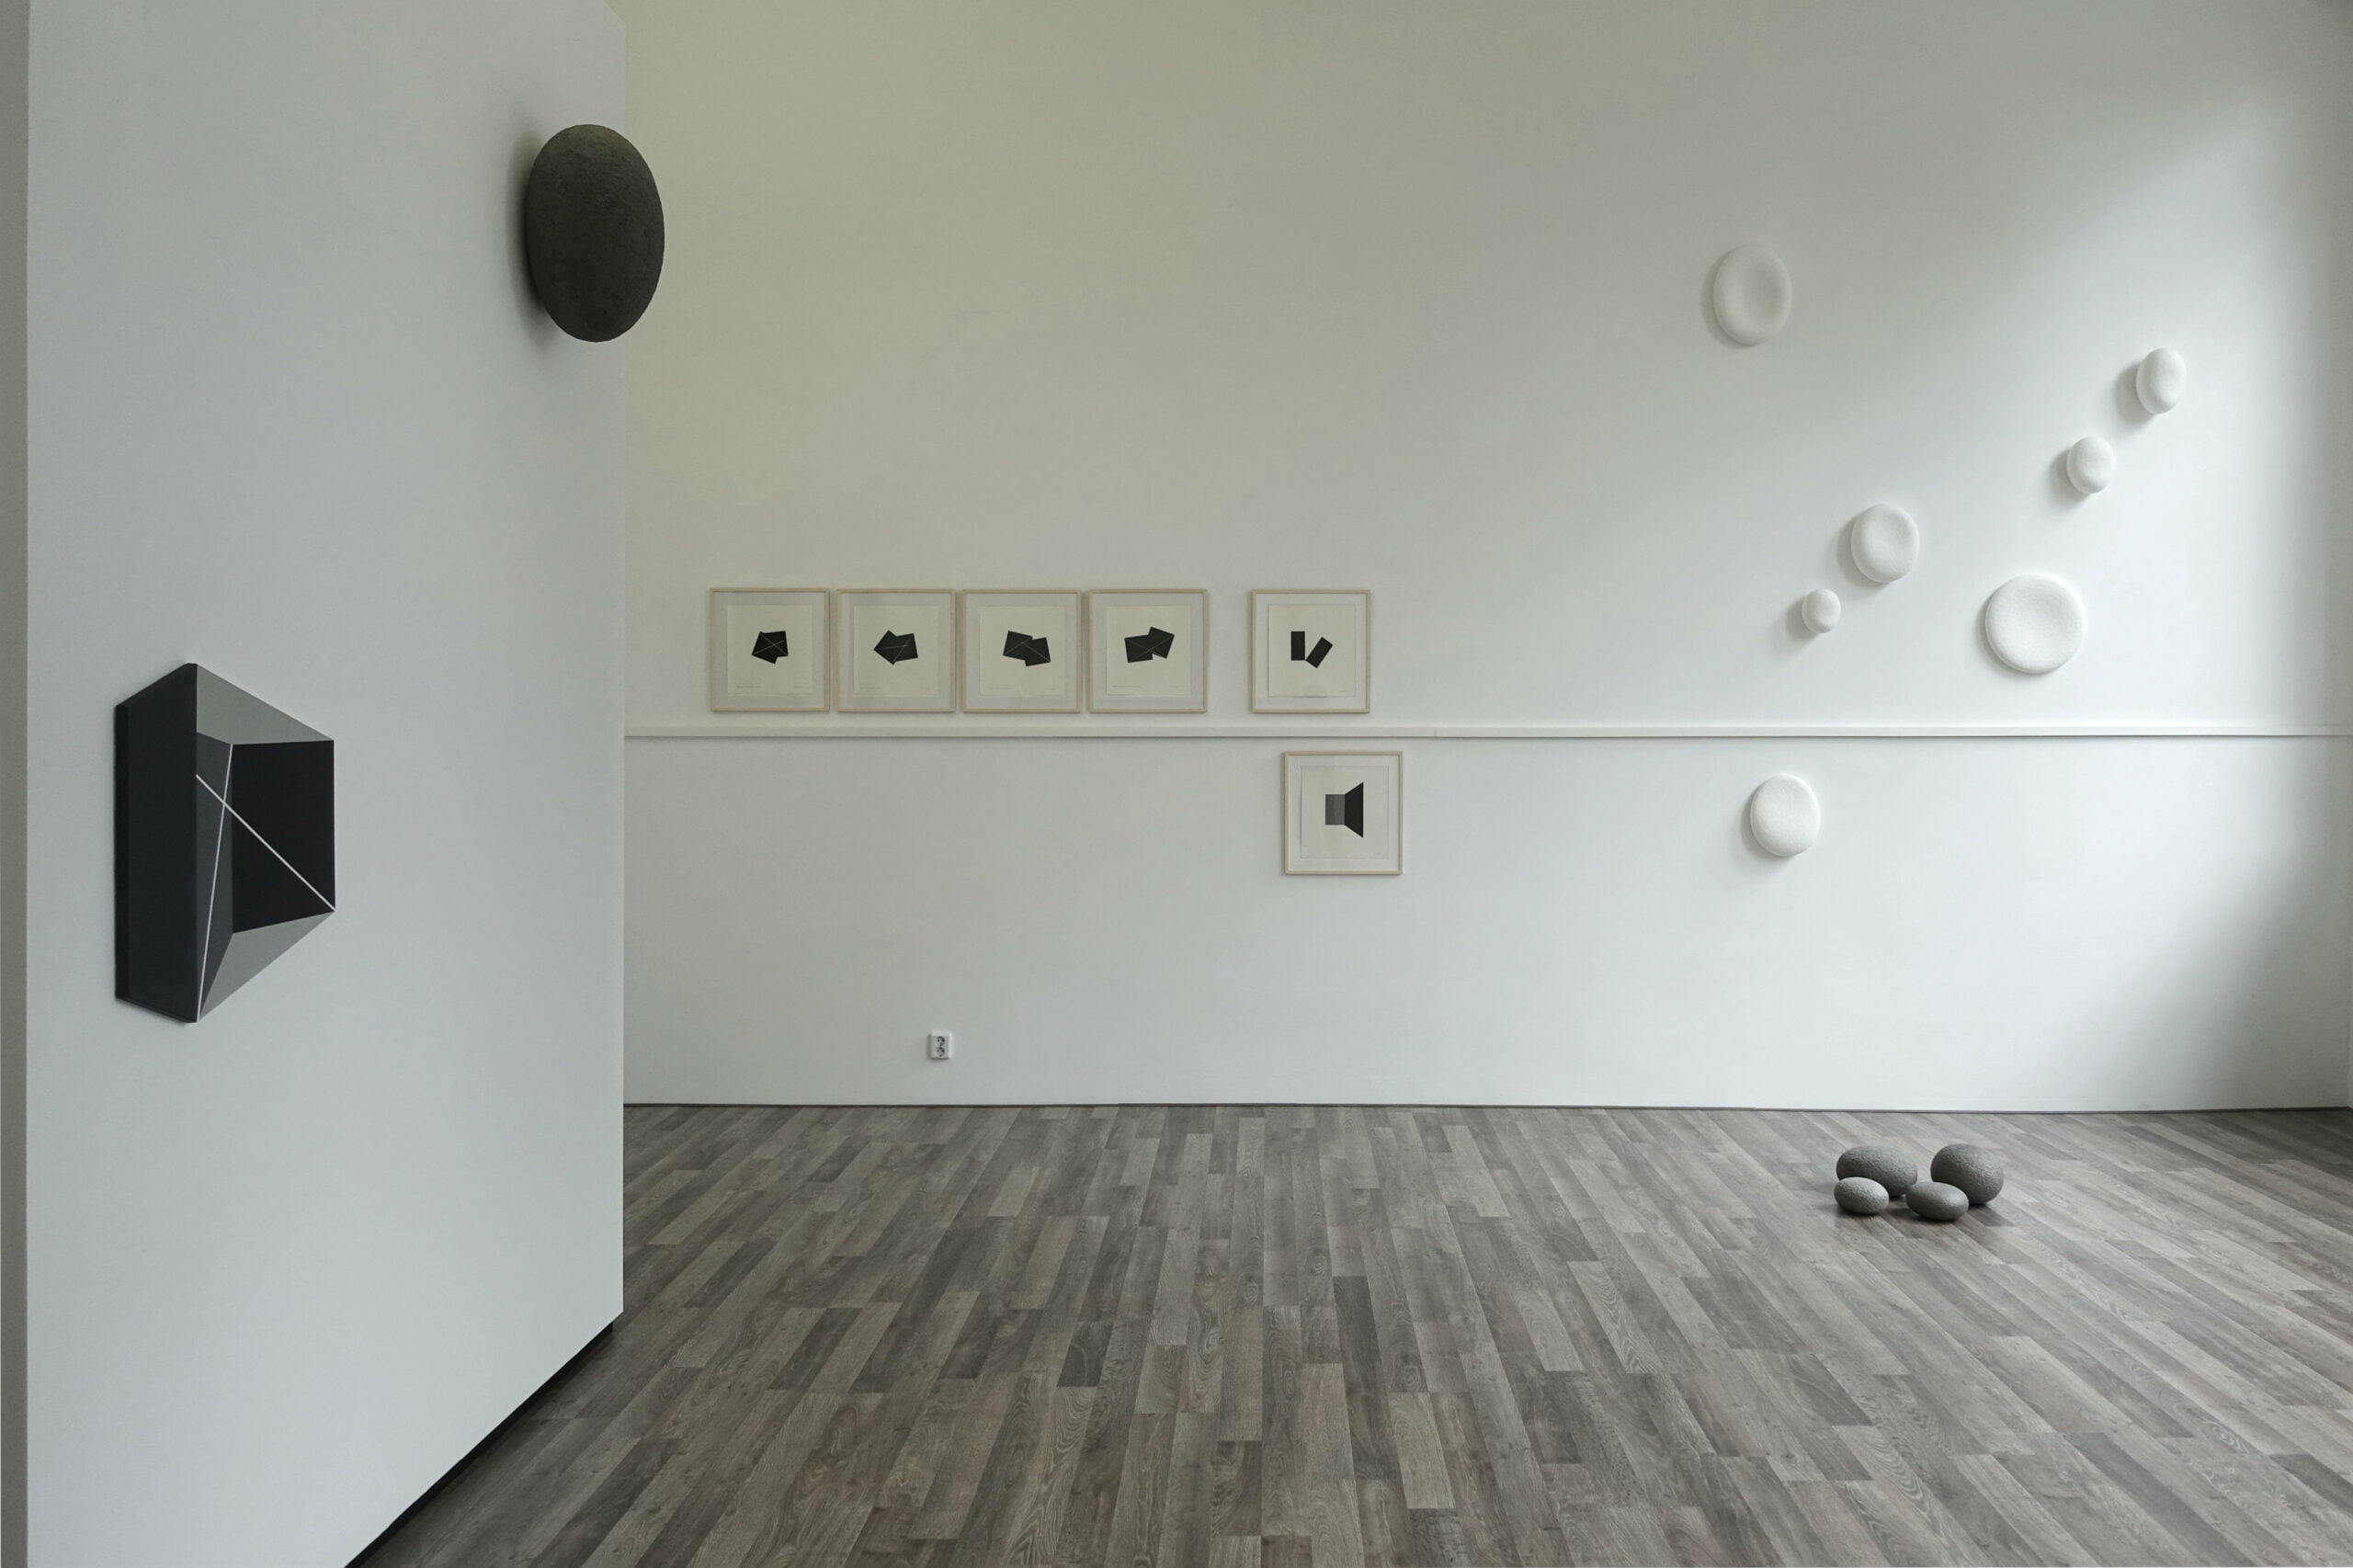 Hedendaagse kunst: Yumiko Yoneda en Johan van der Veen, Sereen en formeel